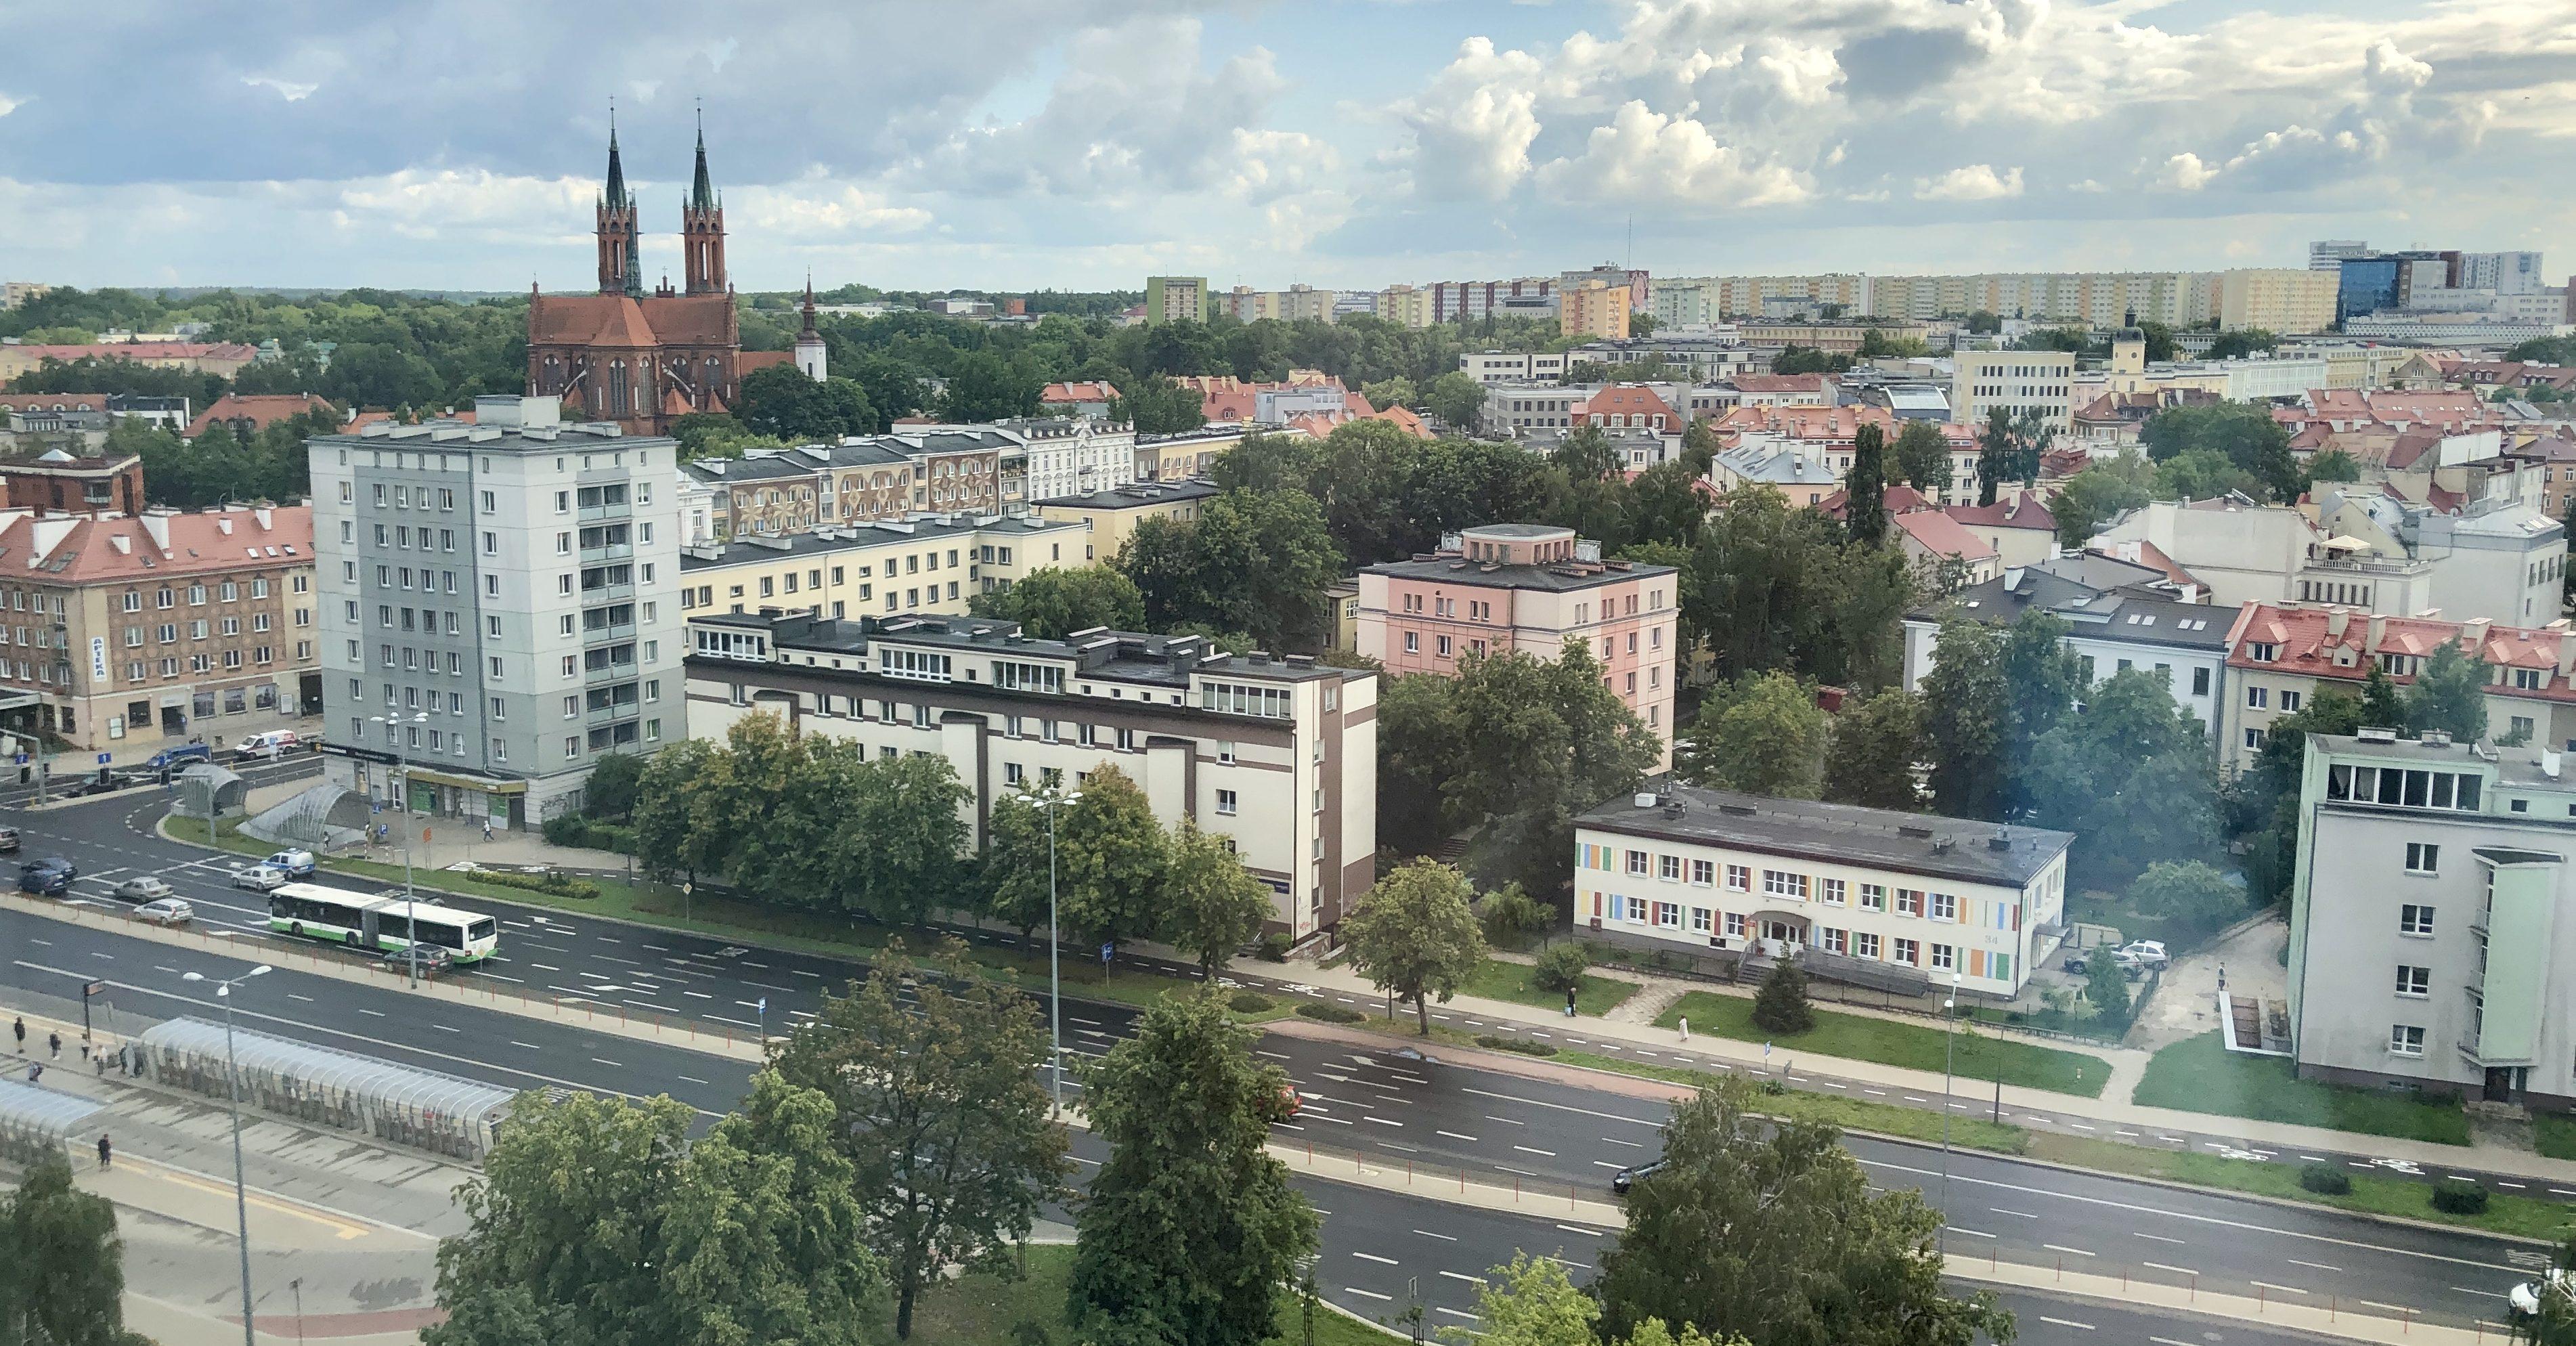 Blick vom Hotel auf das Centrum von Bialystok